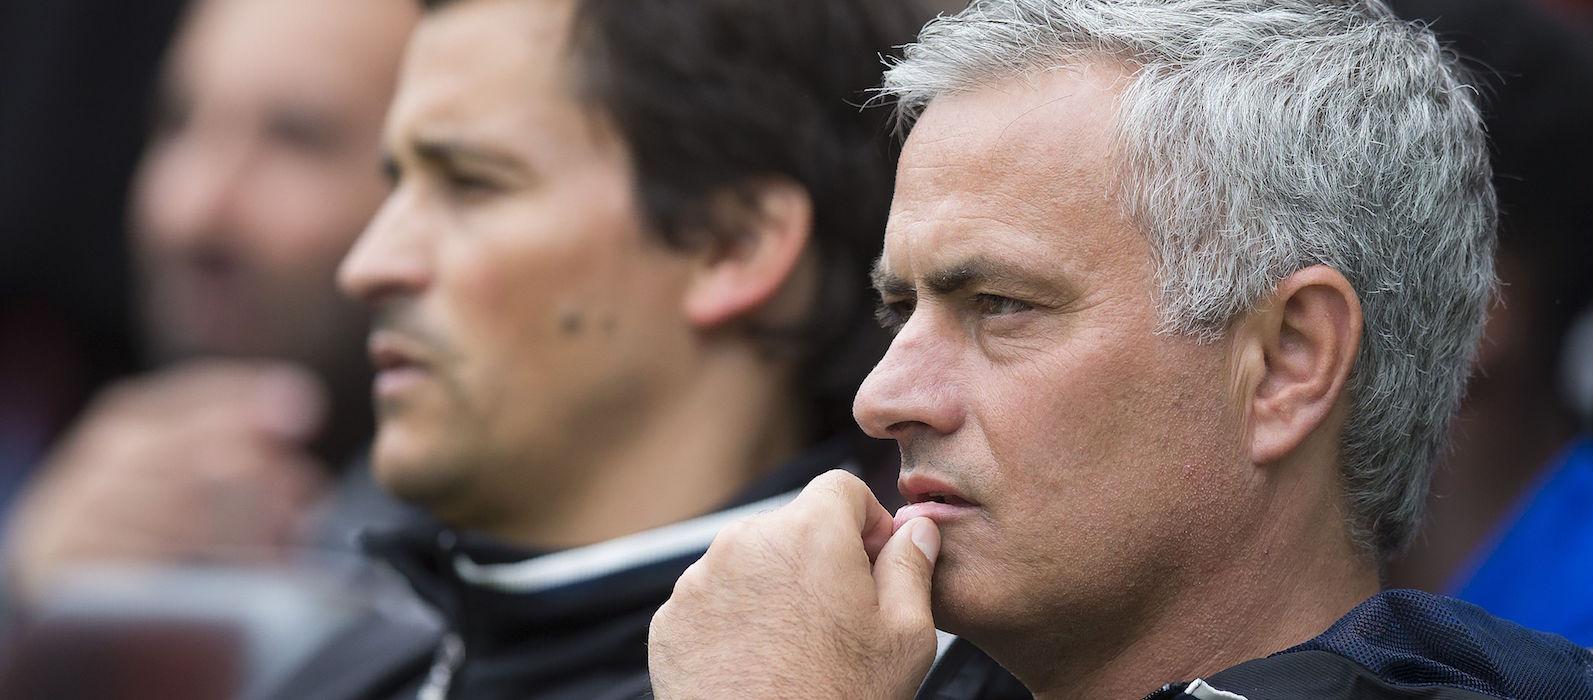 Manchester United vs City: Match Preview – Mourinho vs Guardiola